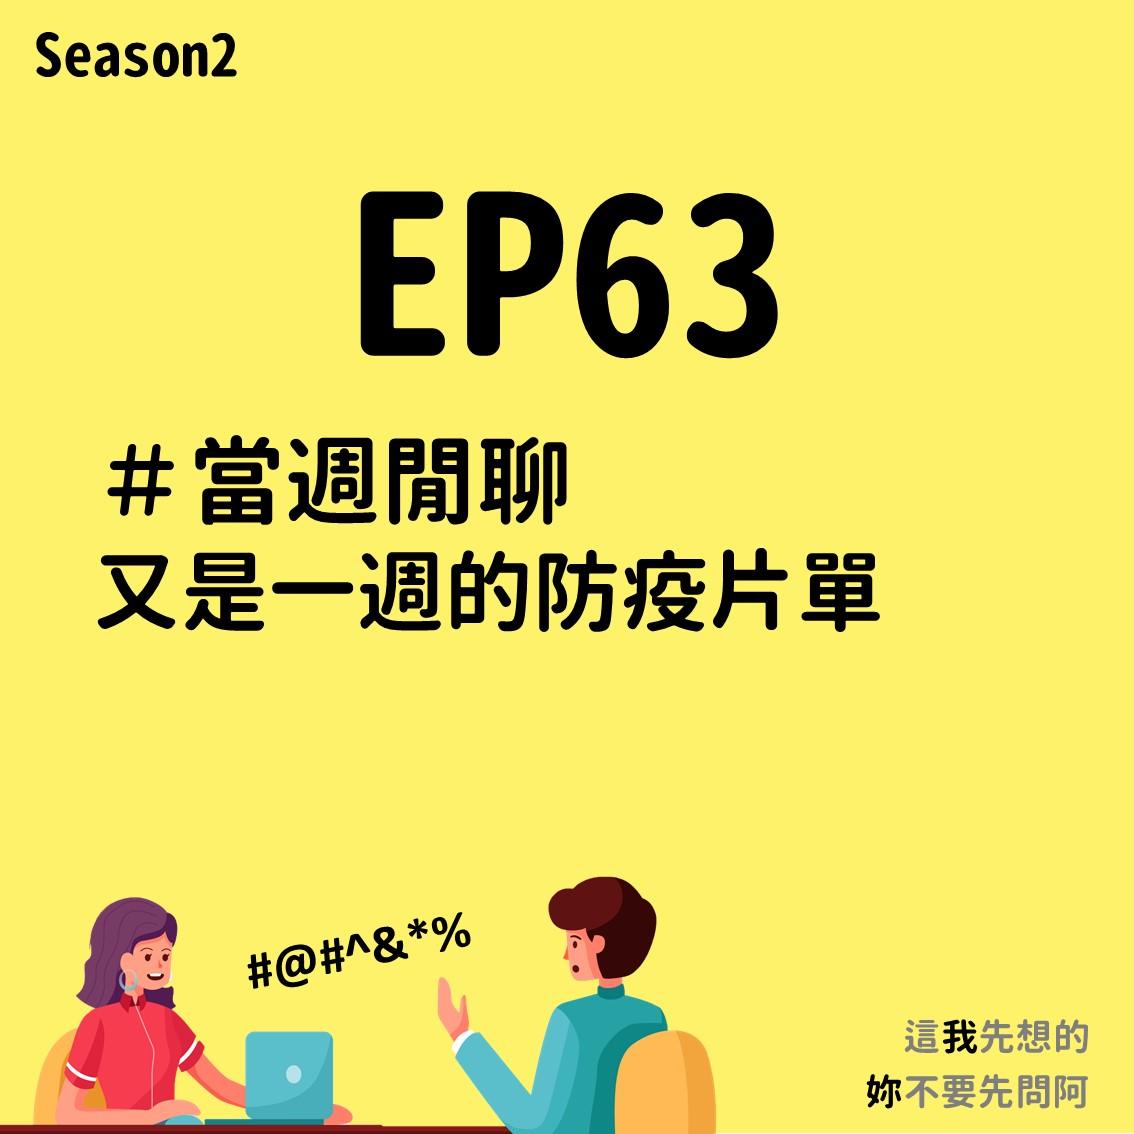 EP63 當週閒聊 又是一週的防疫片單